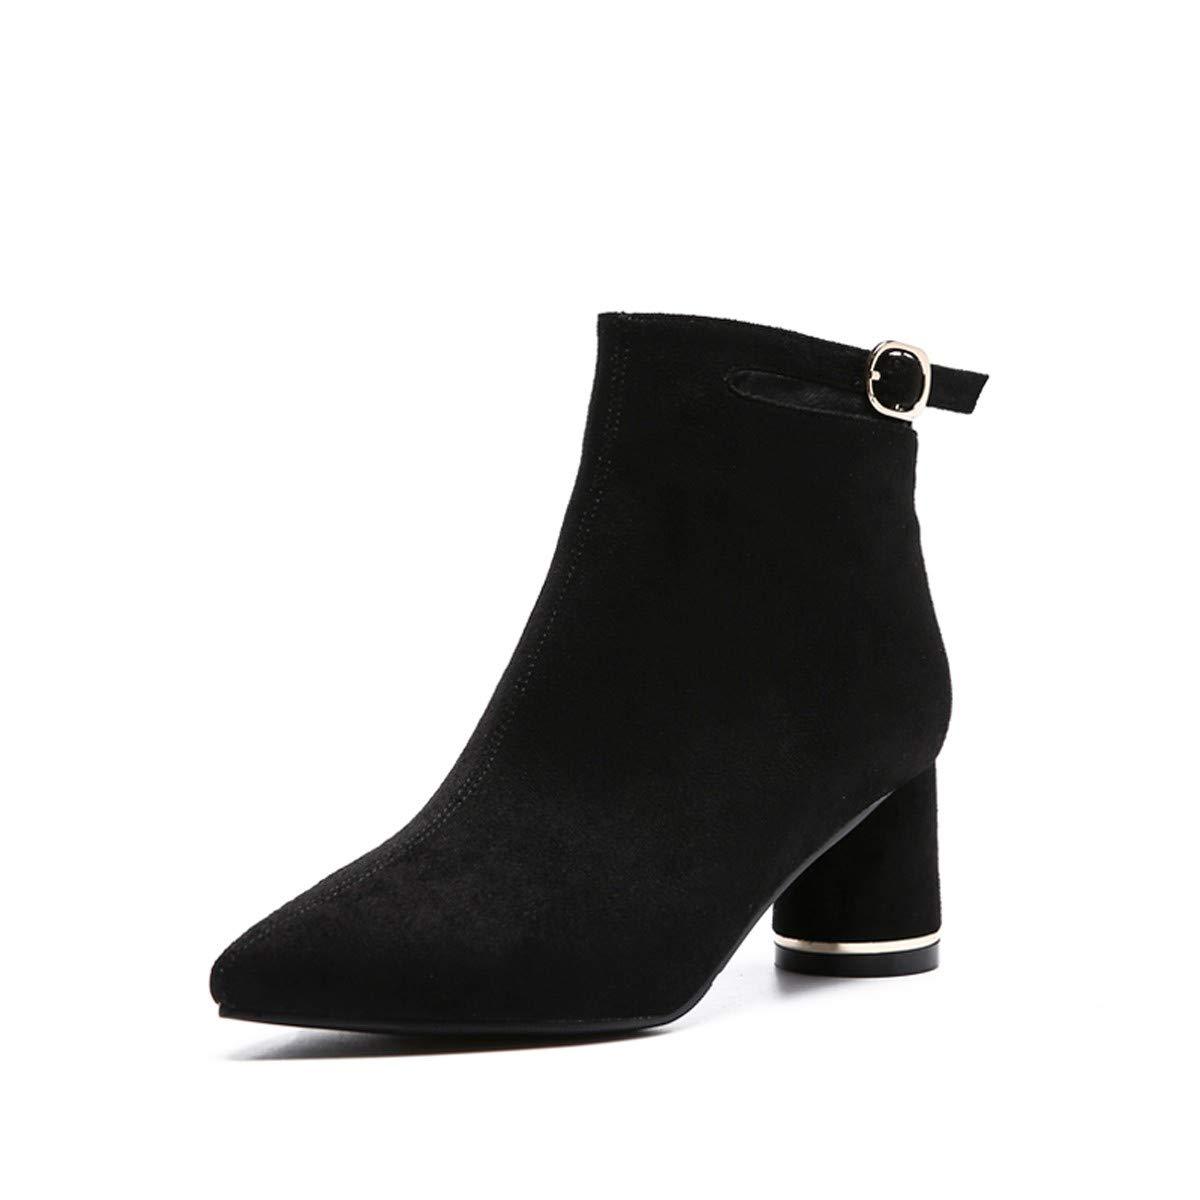 LBTSQ-Mittelfristig Hat Schuhe Hochhackige Stiefel Kurze 6Cm Modische Joker Wildleder Ausgehöhlt Gürtel Nackt Stiefel Grob Hacken.